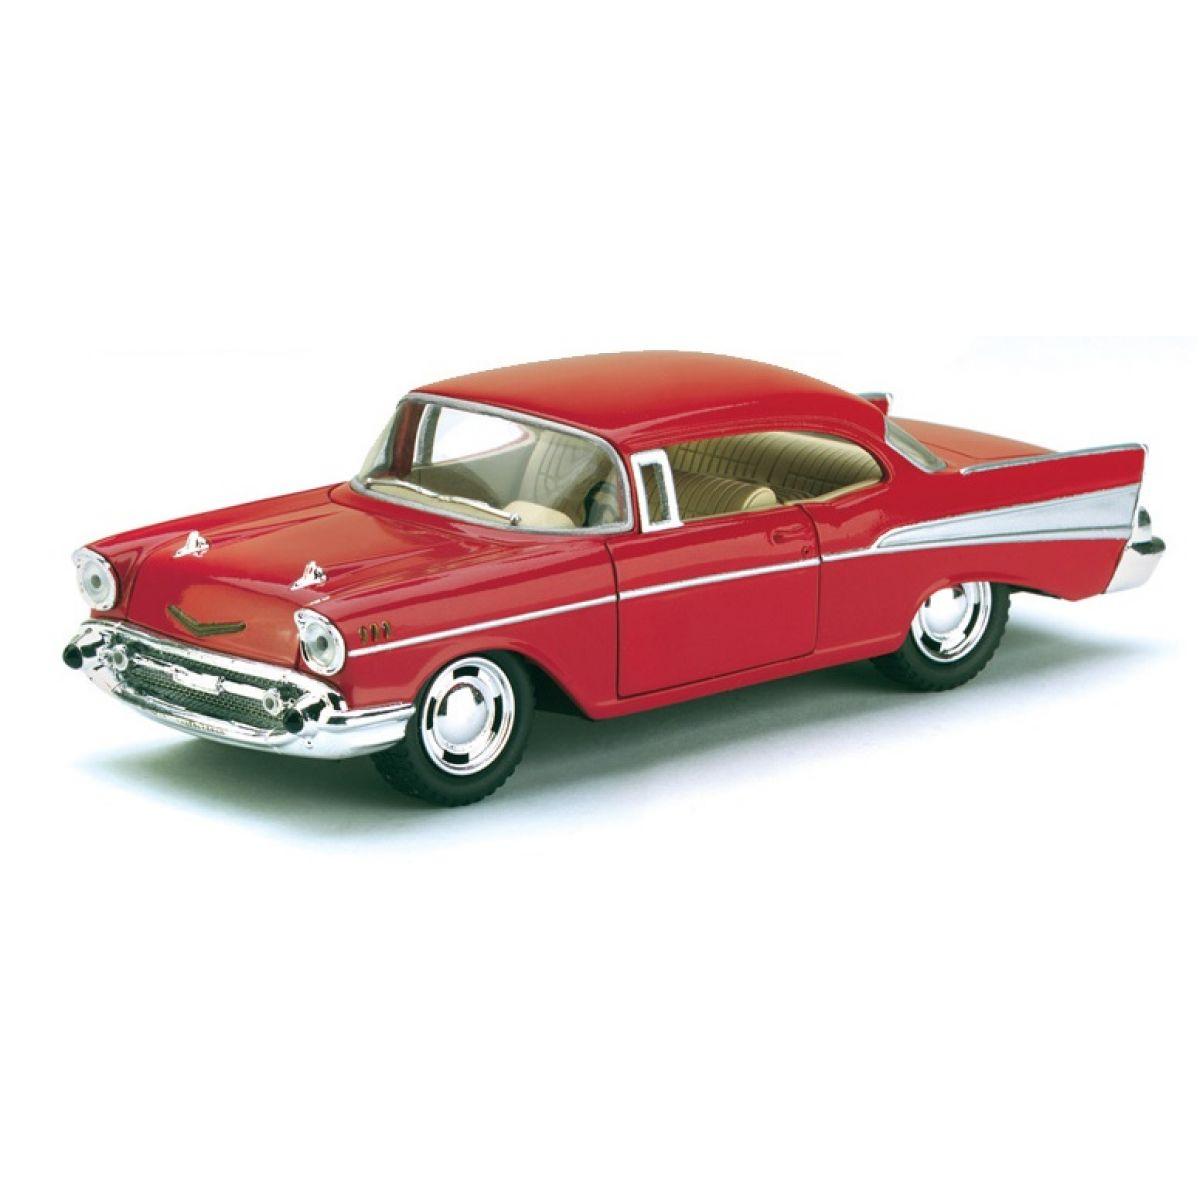 HM Studio Auto Chevrolet Bel Air 1957 - Červená